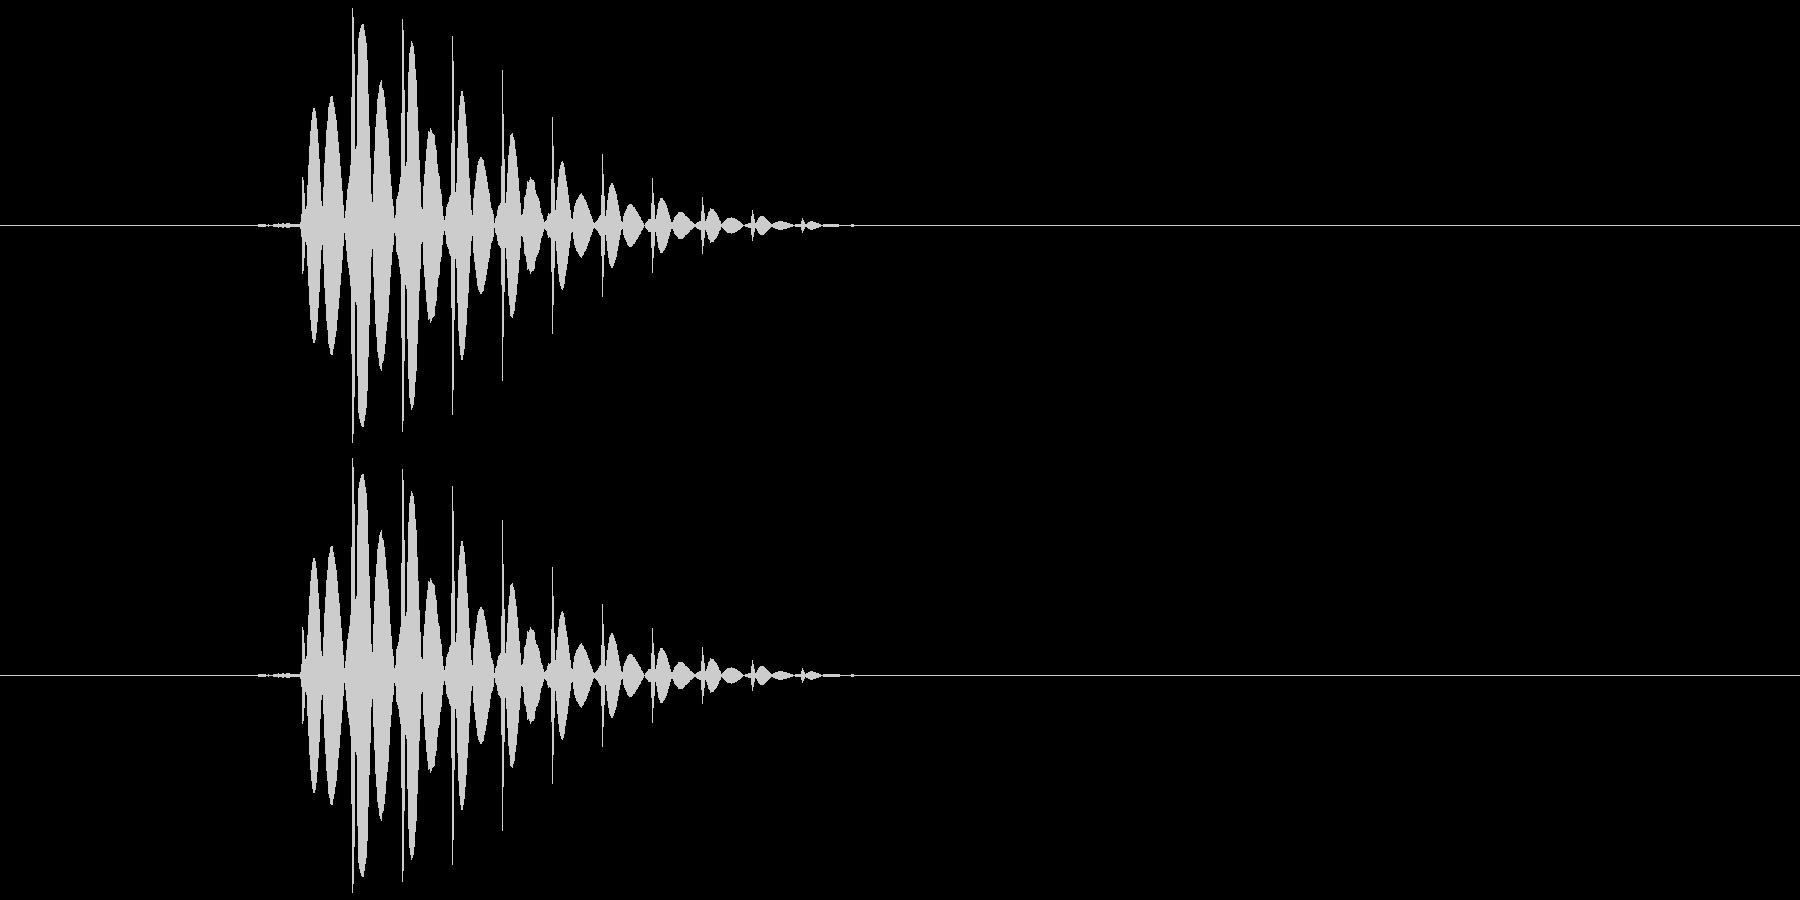 ゲームのカーソル音ですの未再生の波形